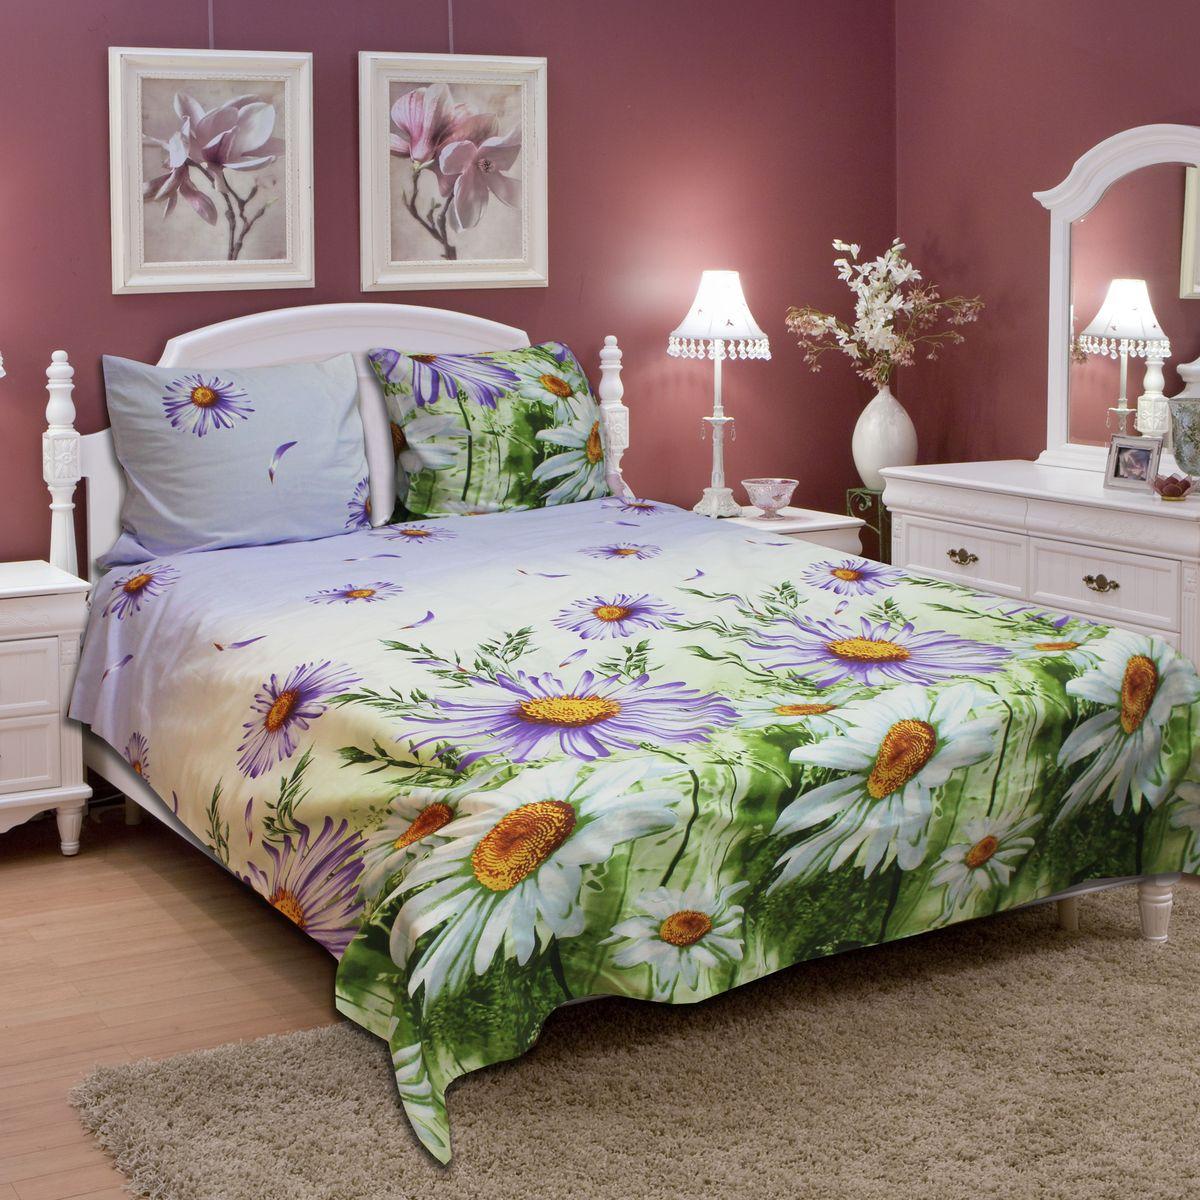 Комплект белья Amore Mio Excellent, 1,5-спальный, наволочки 70х7077700Постельное белье из бязи практично и долговечно, а самое главное - это 100% хлопок! Материал великолепно отводит влагу, отлично пропускает воздух, не капризен в уходе, легко стирается и гладится. Новая коллекция Naturel 3-D дизайнов позволит выбрать постельное белье на любой вкус!